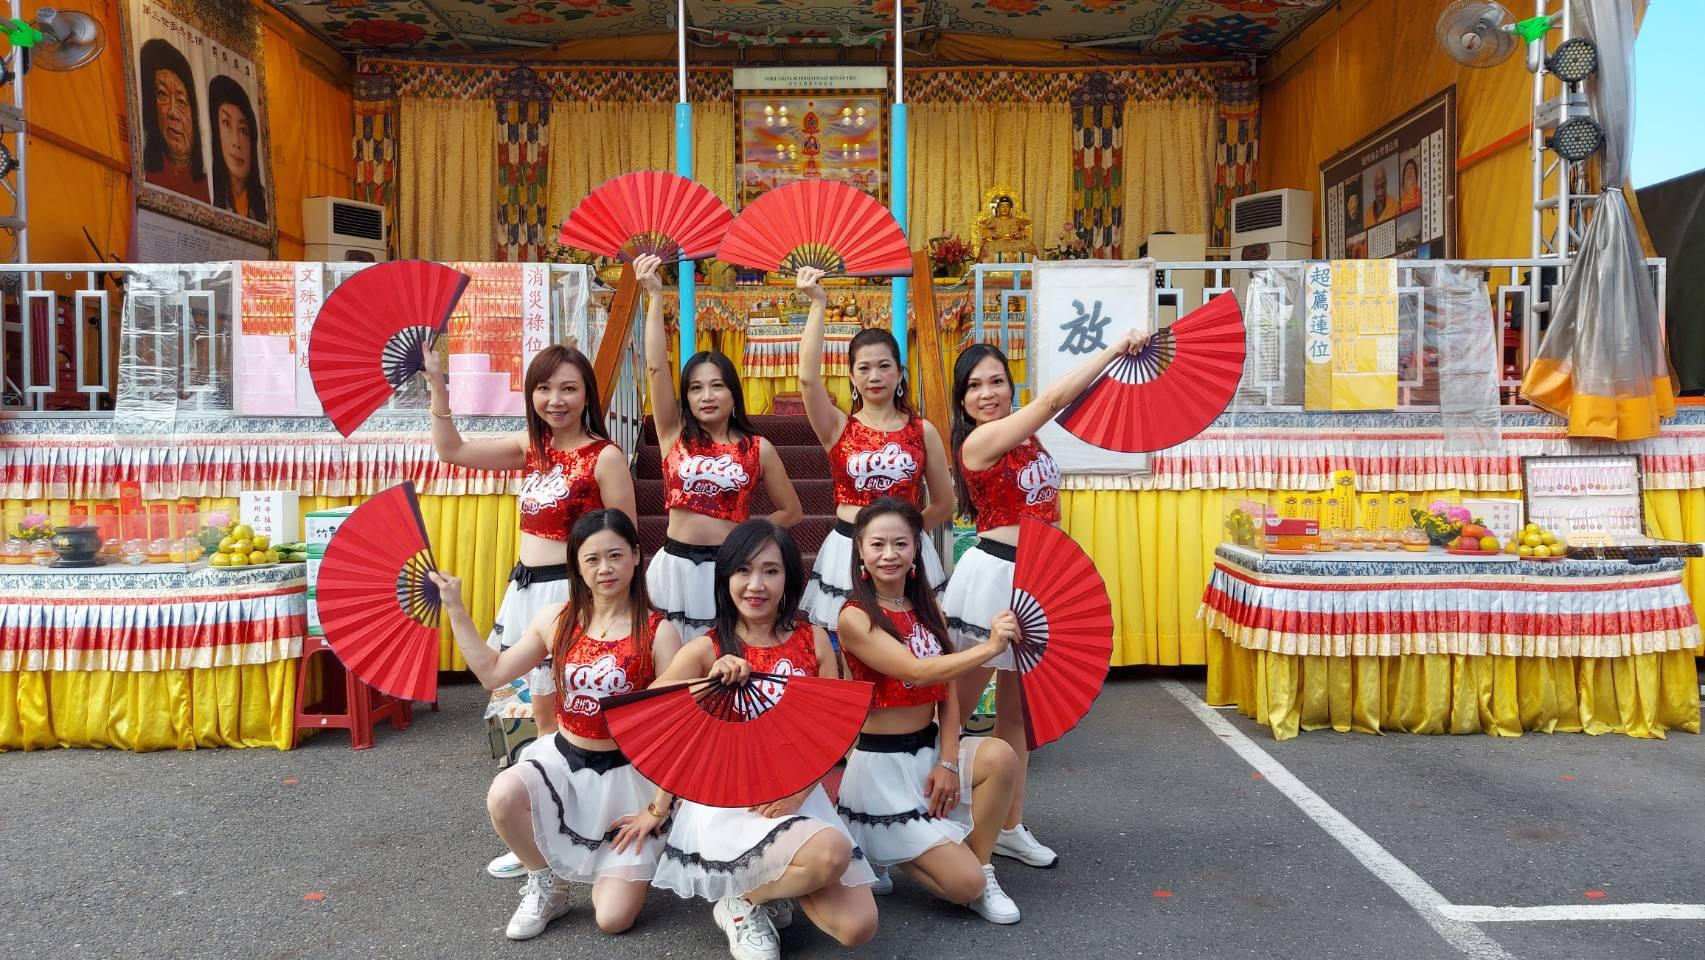 行動佛殿113站台南鹽水,嘉義市奧斯卡關懷協會、Cindy Sexy舞蹈團、嫦玥舞團公益演出